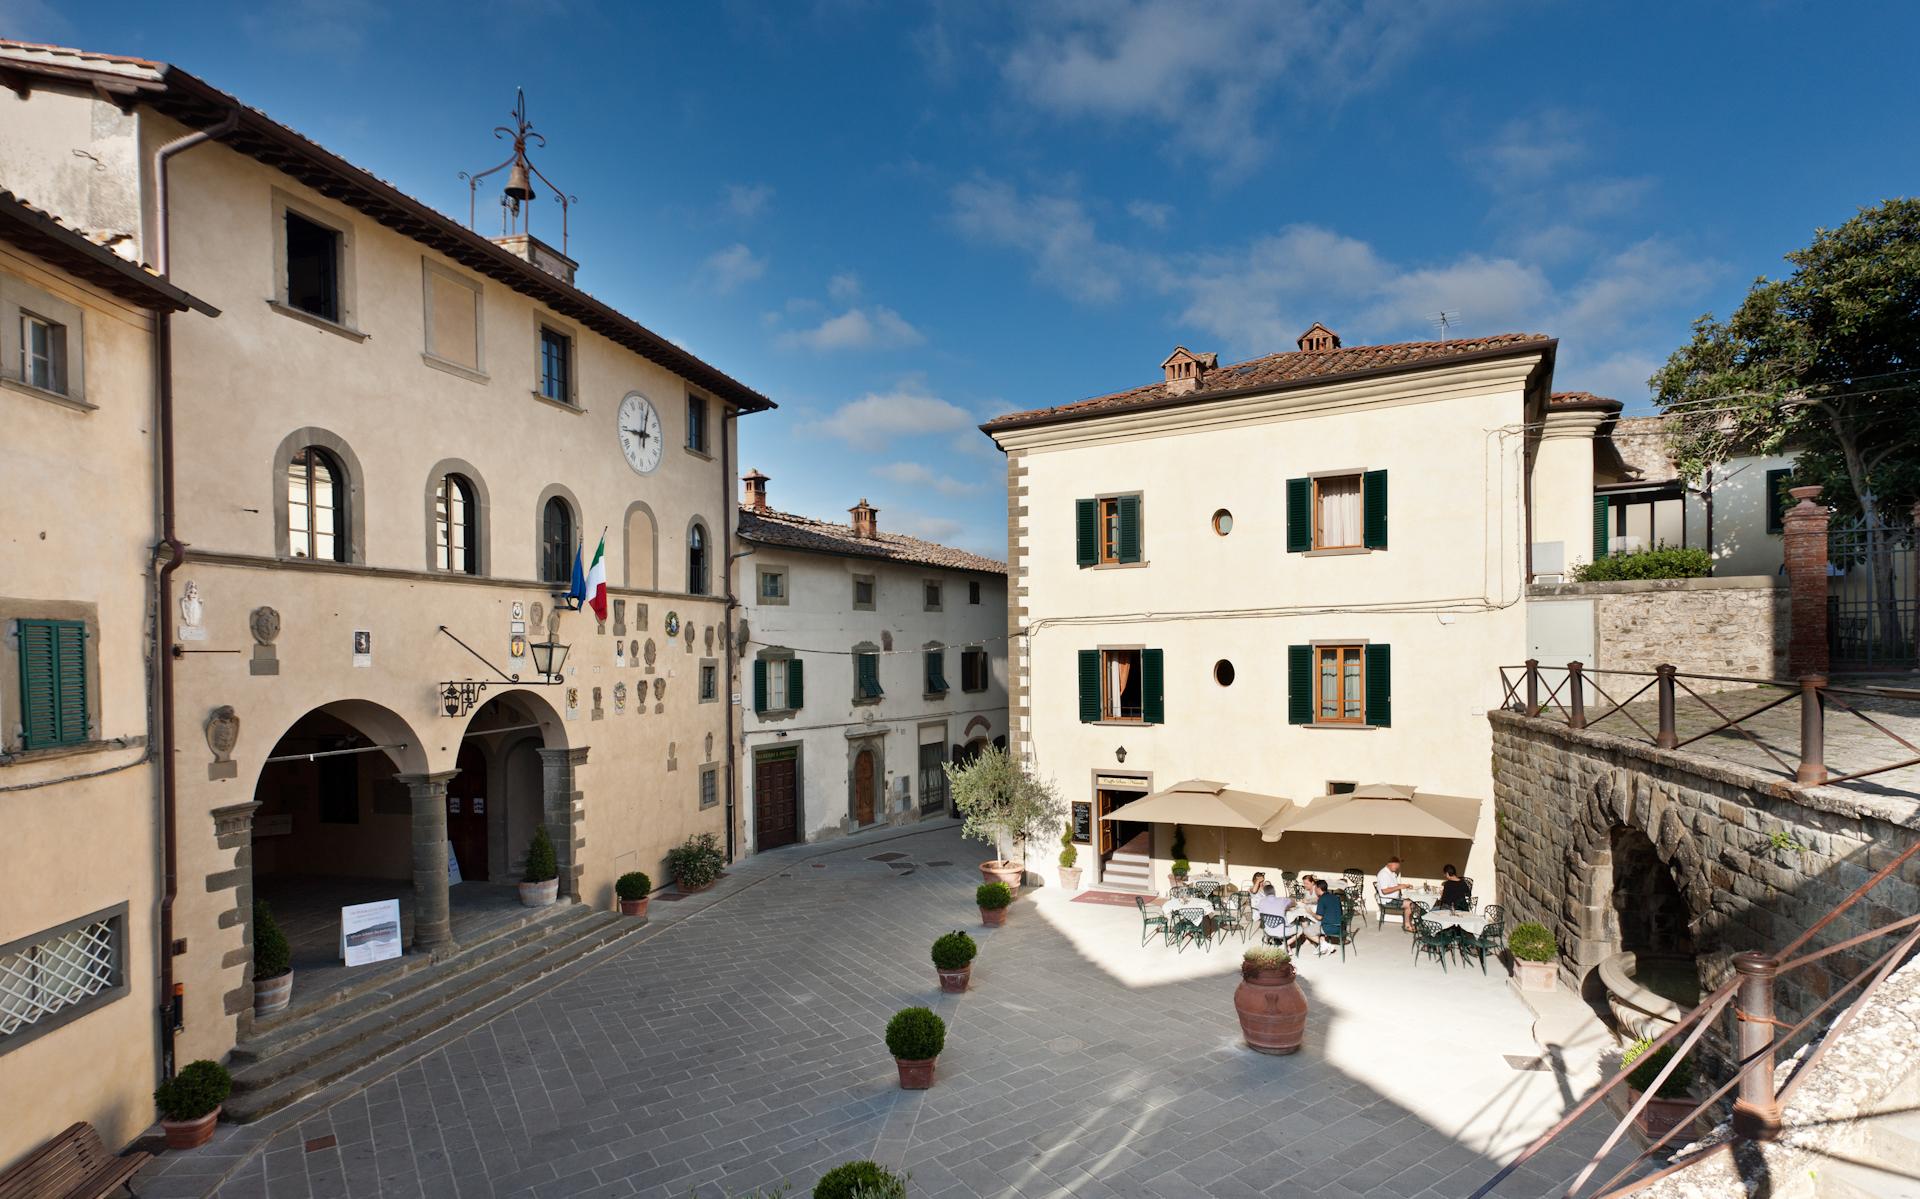 Radda in Chianti Italy  city photo : Palazzo San Niccolo' Radda in Chianti, Italy Tuscany UPDATED ...